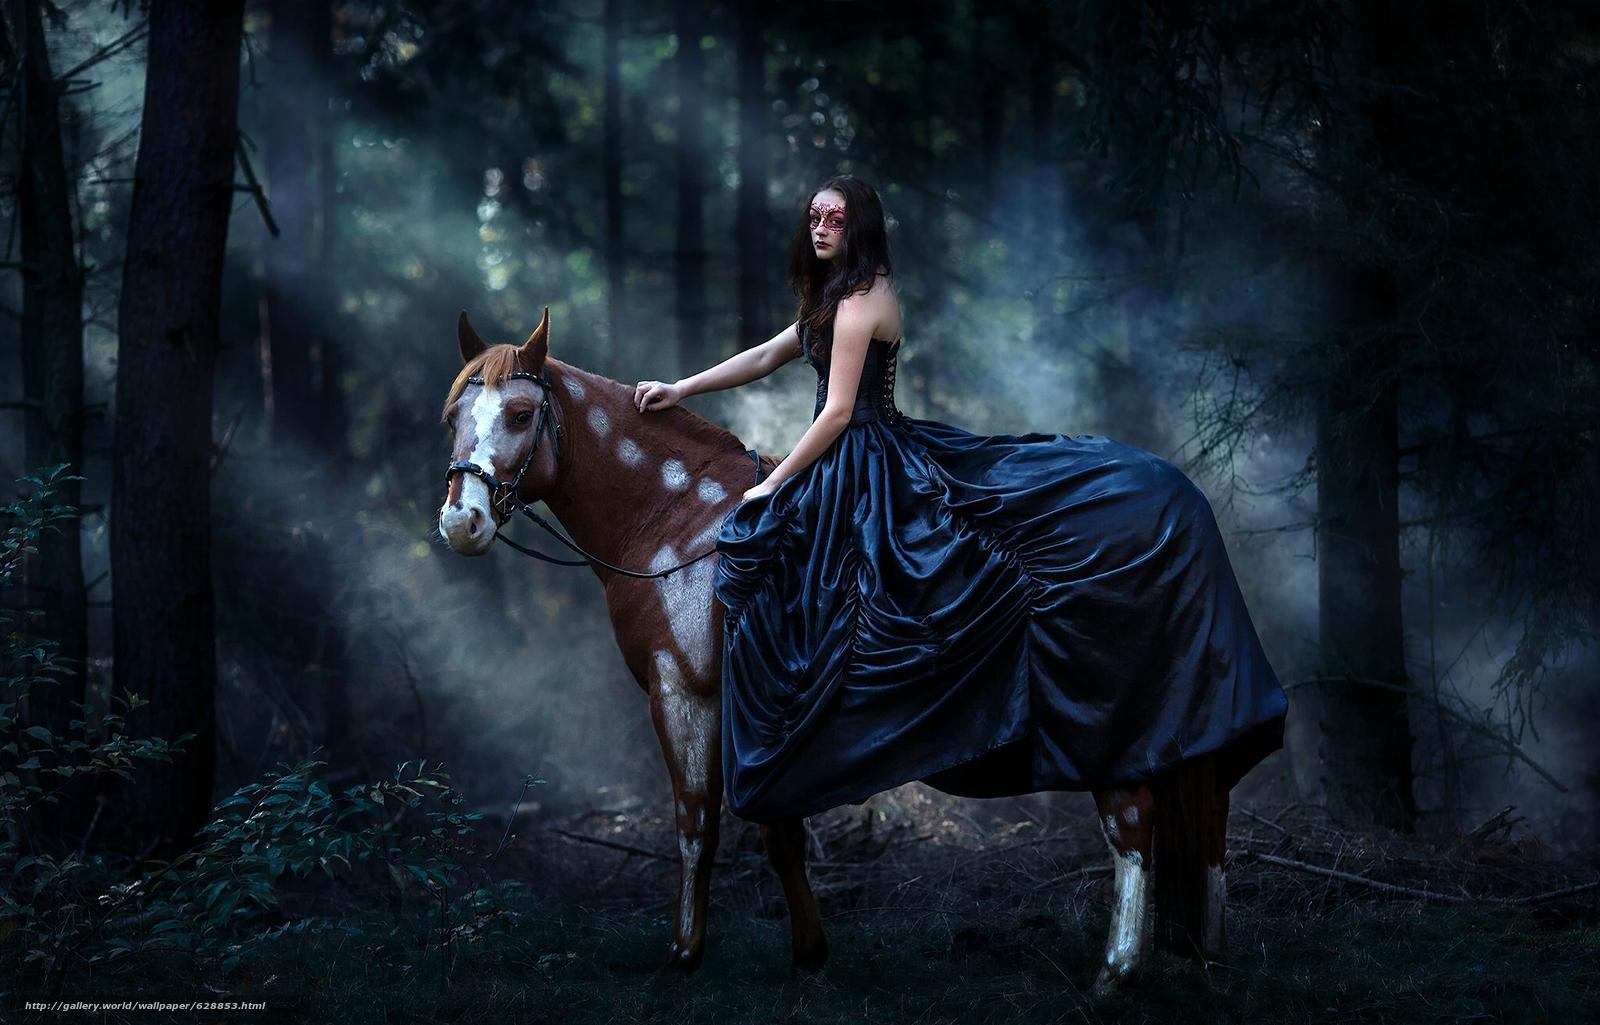 девушка, платье, маска, конь, лошадь, лес